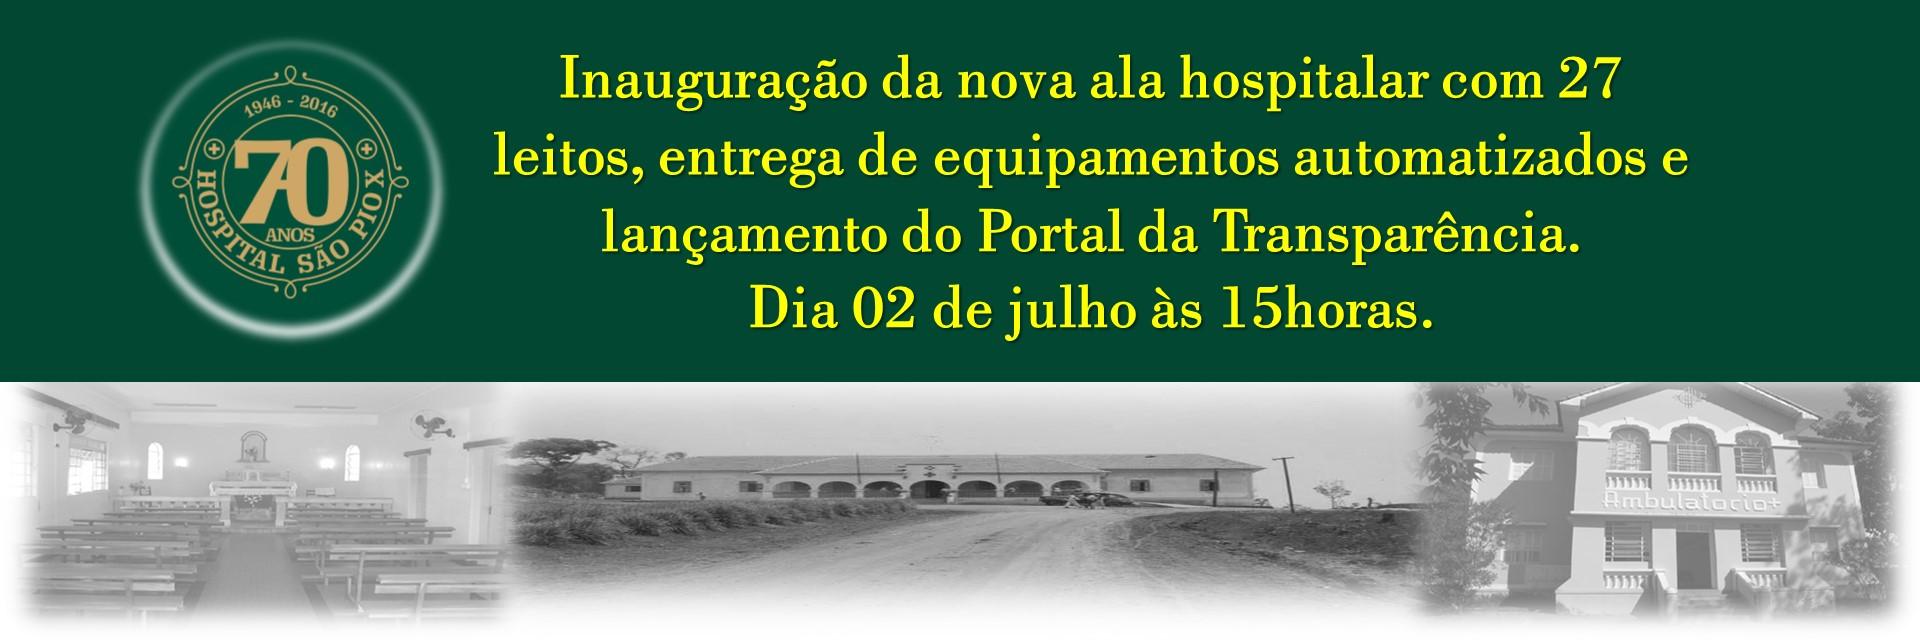 Convite Inauguracao